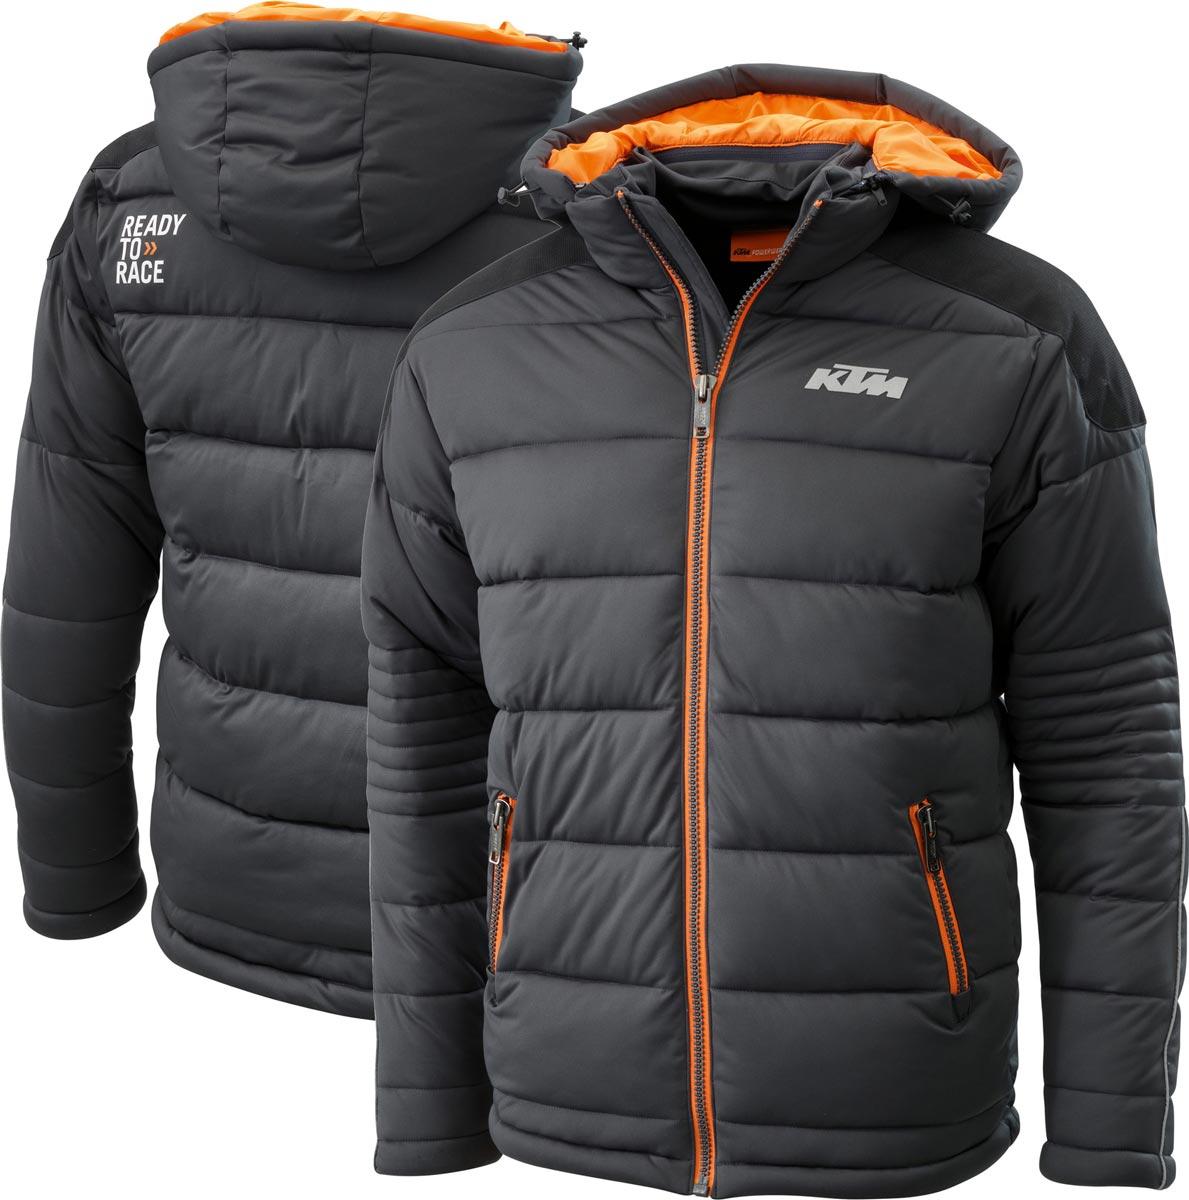 site réputé a92e6 1e3b8 KTM vous habille avec style pour l'hiver